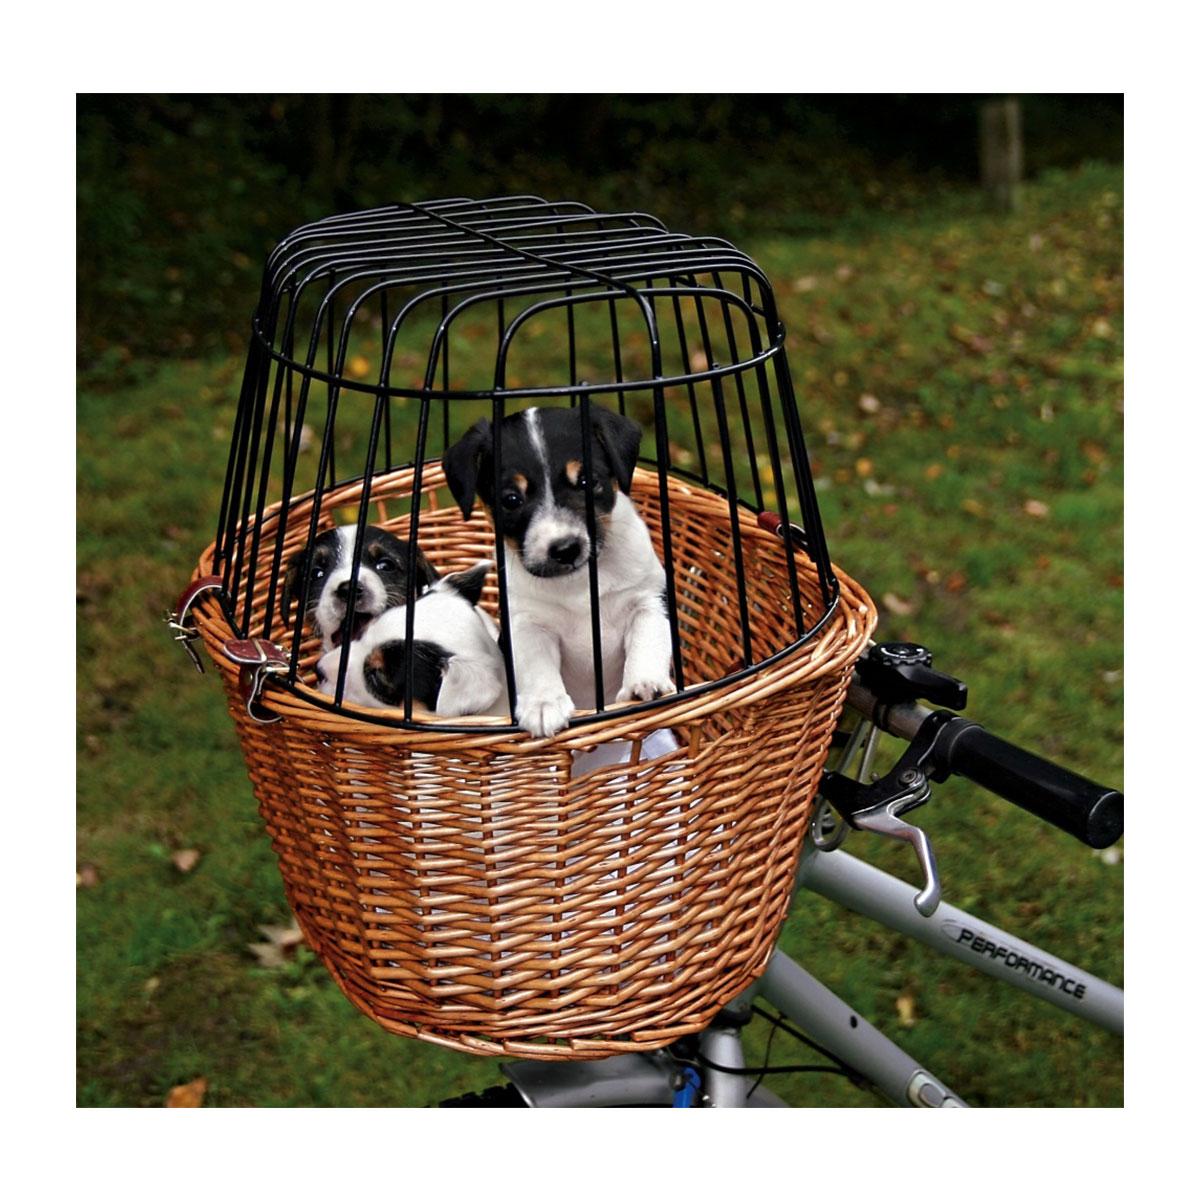 trixie fahrradkorb mit gitter f r hunde ebay. Black Bedroom Furniture Sets. Home Design Ideas